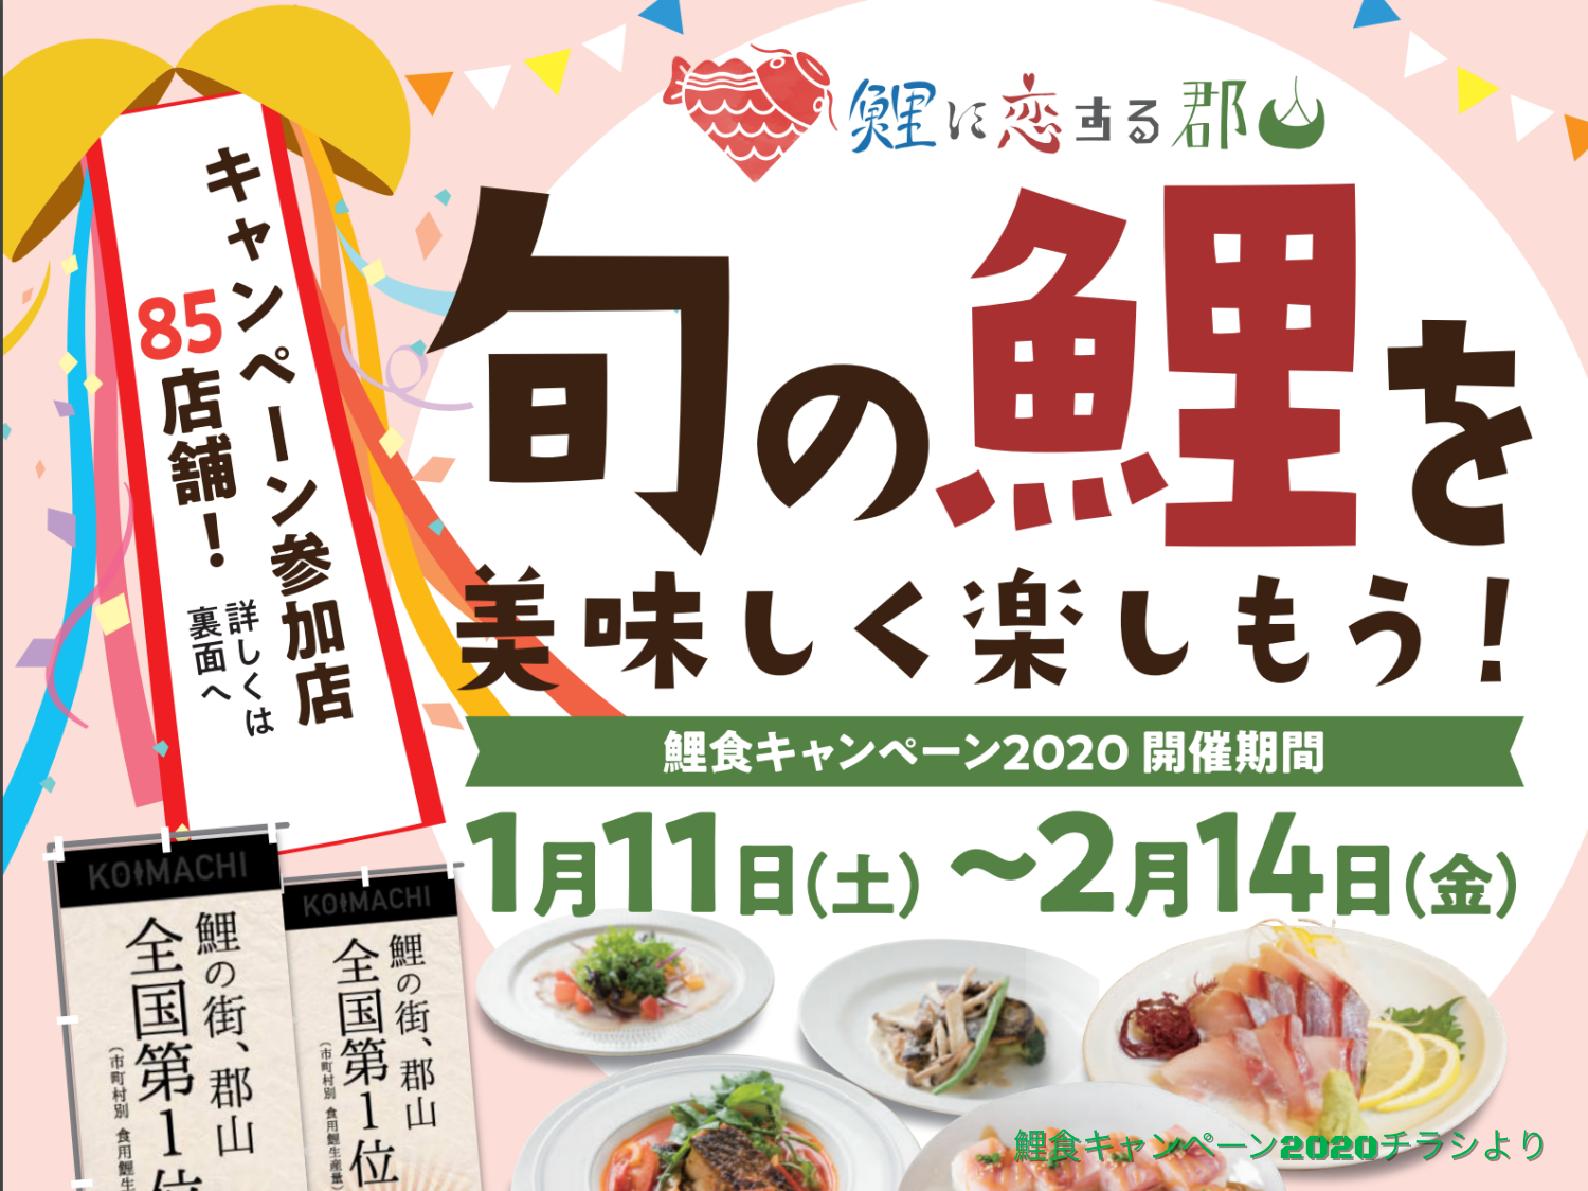 鯉食キャンペーン2020 | 鯉に恋する郡山